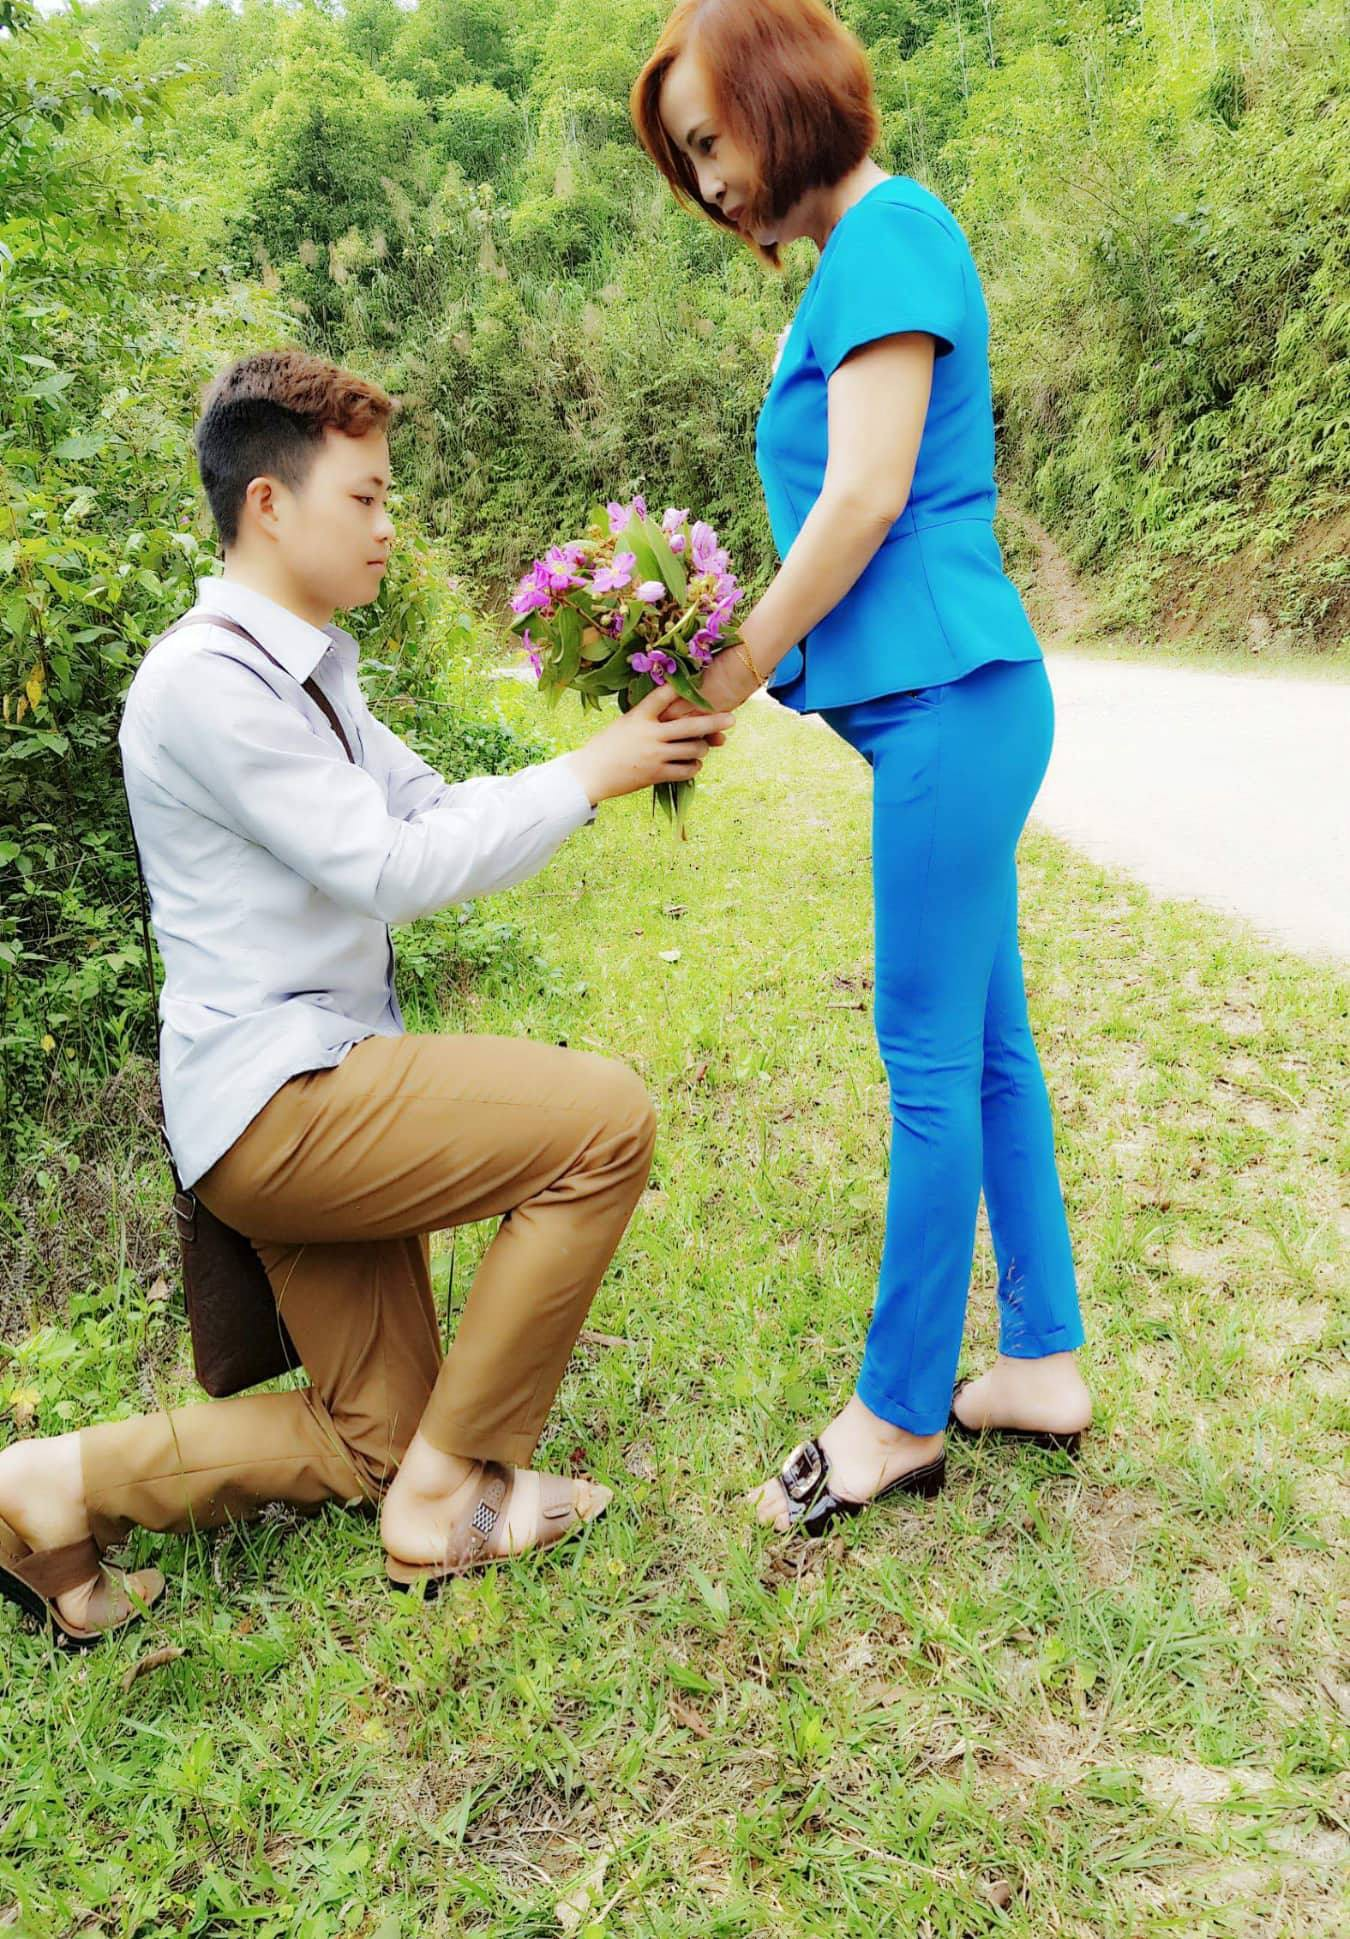 Chuyen tinh chan dong MXH: Thanh nien 26 tuoi ngay nao cung toi spa duong da de cua do ba chu 61 tuoi